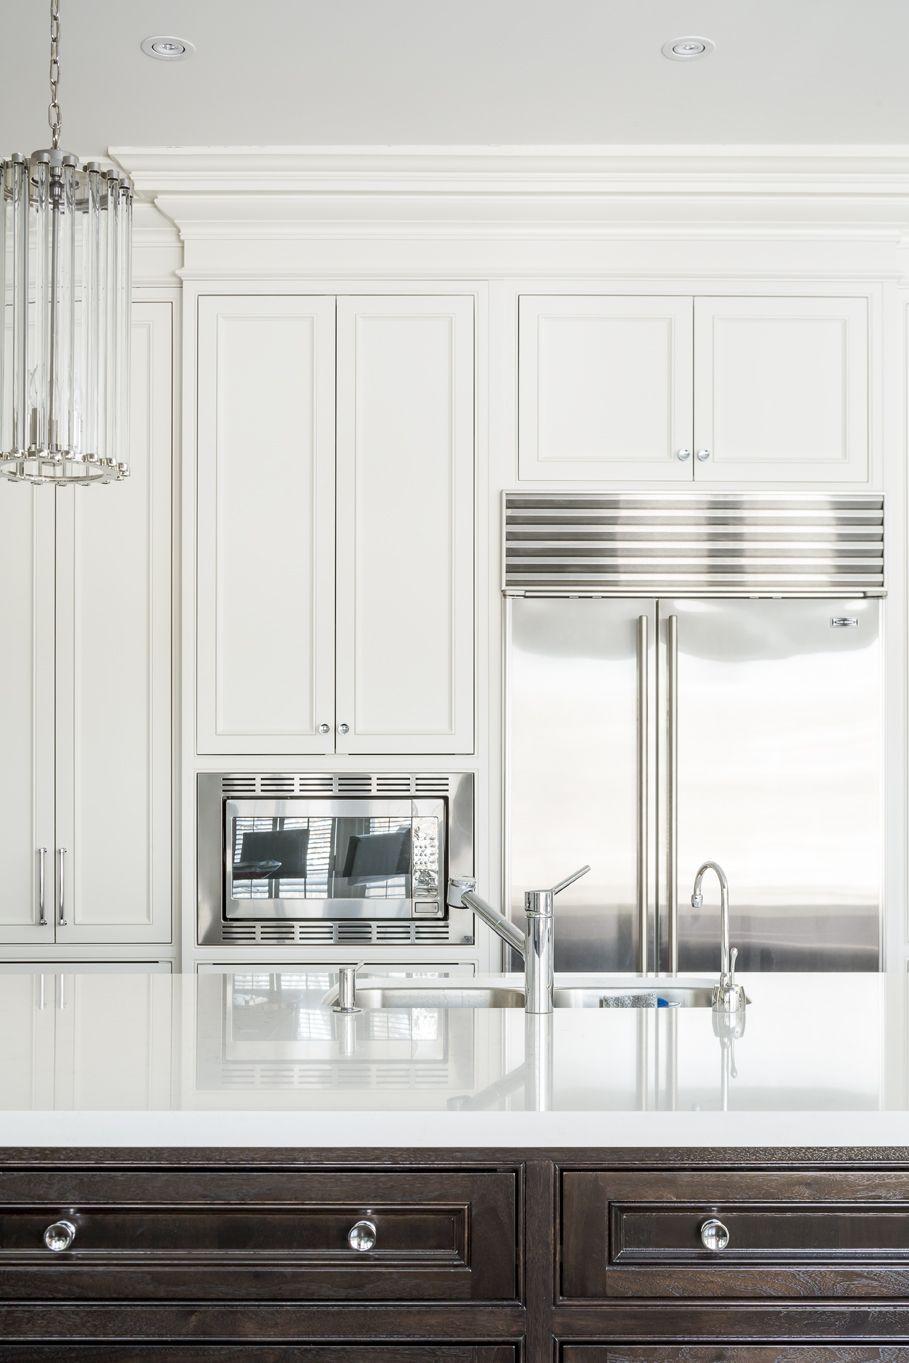 Küchenideen für weiße schränke custom kitchen photos  stutt kitchens  sussman  pinterest